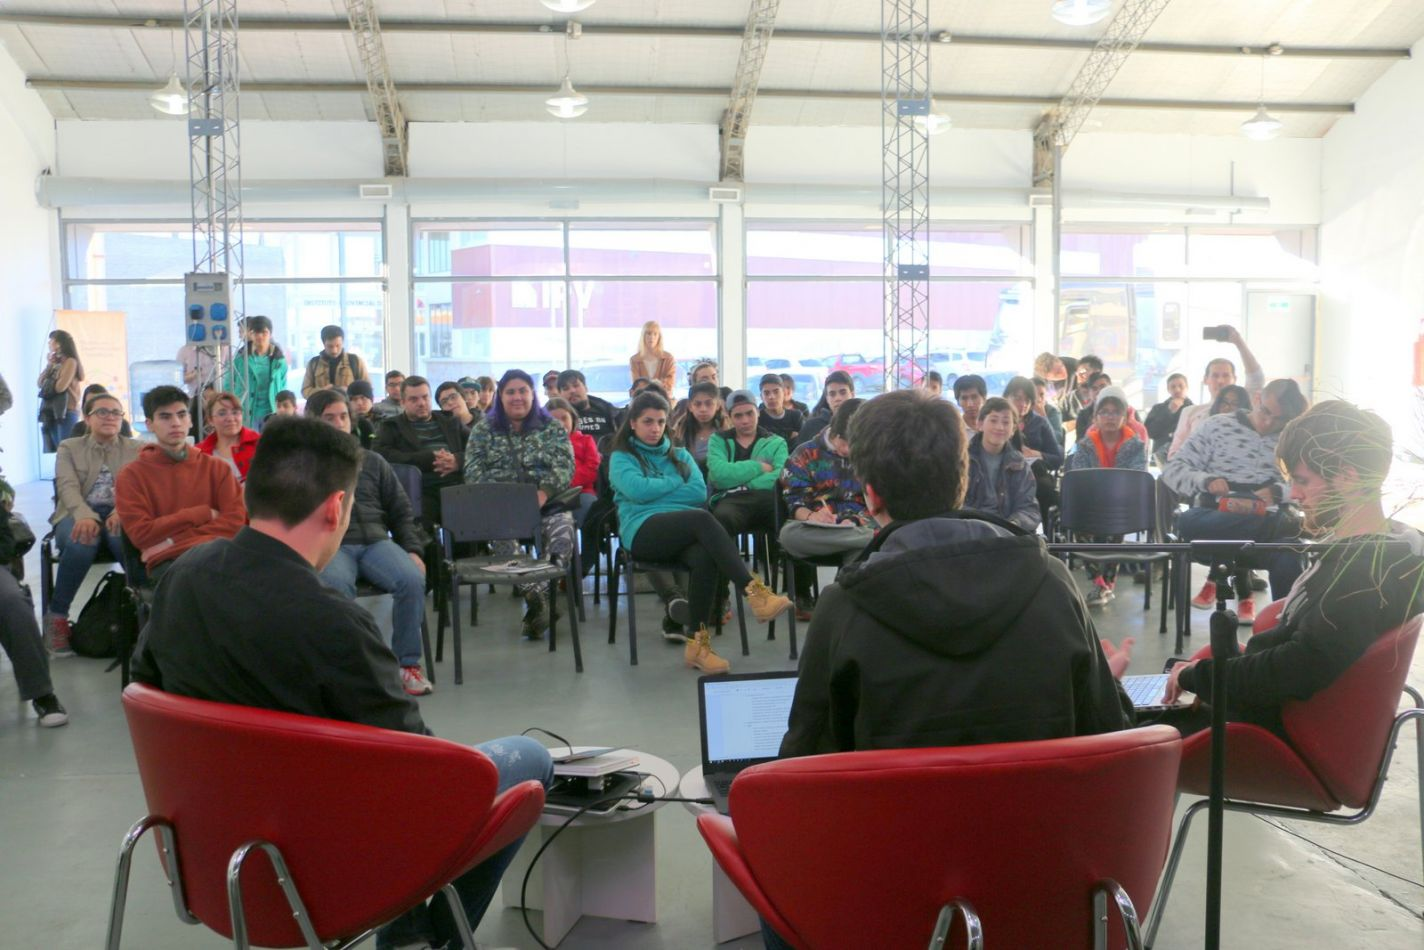 El Municipio becará a los participantes que accederán al programa de forma gratuita.